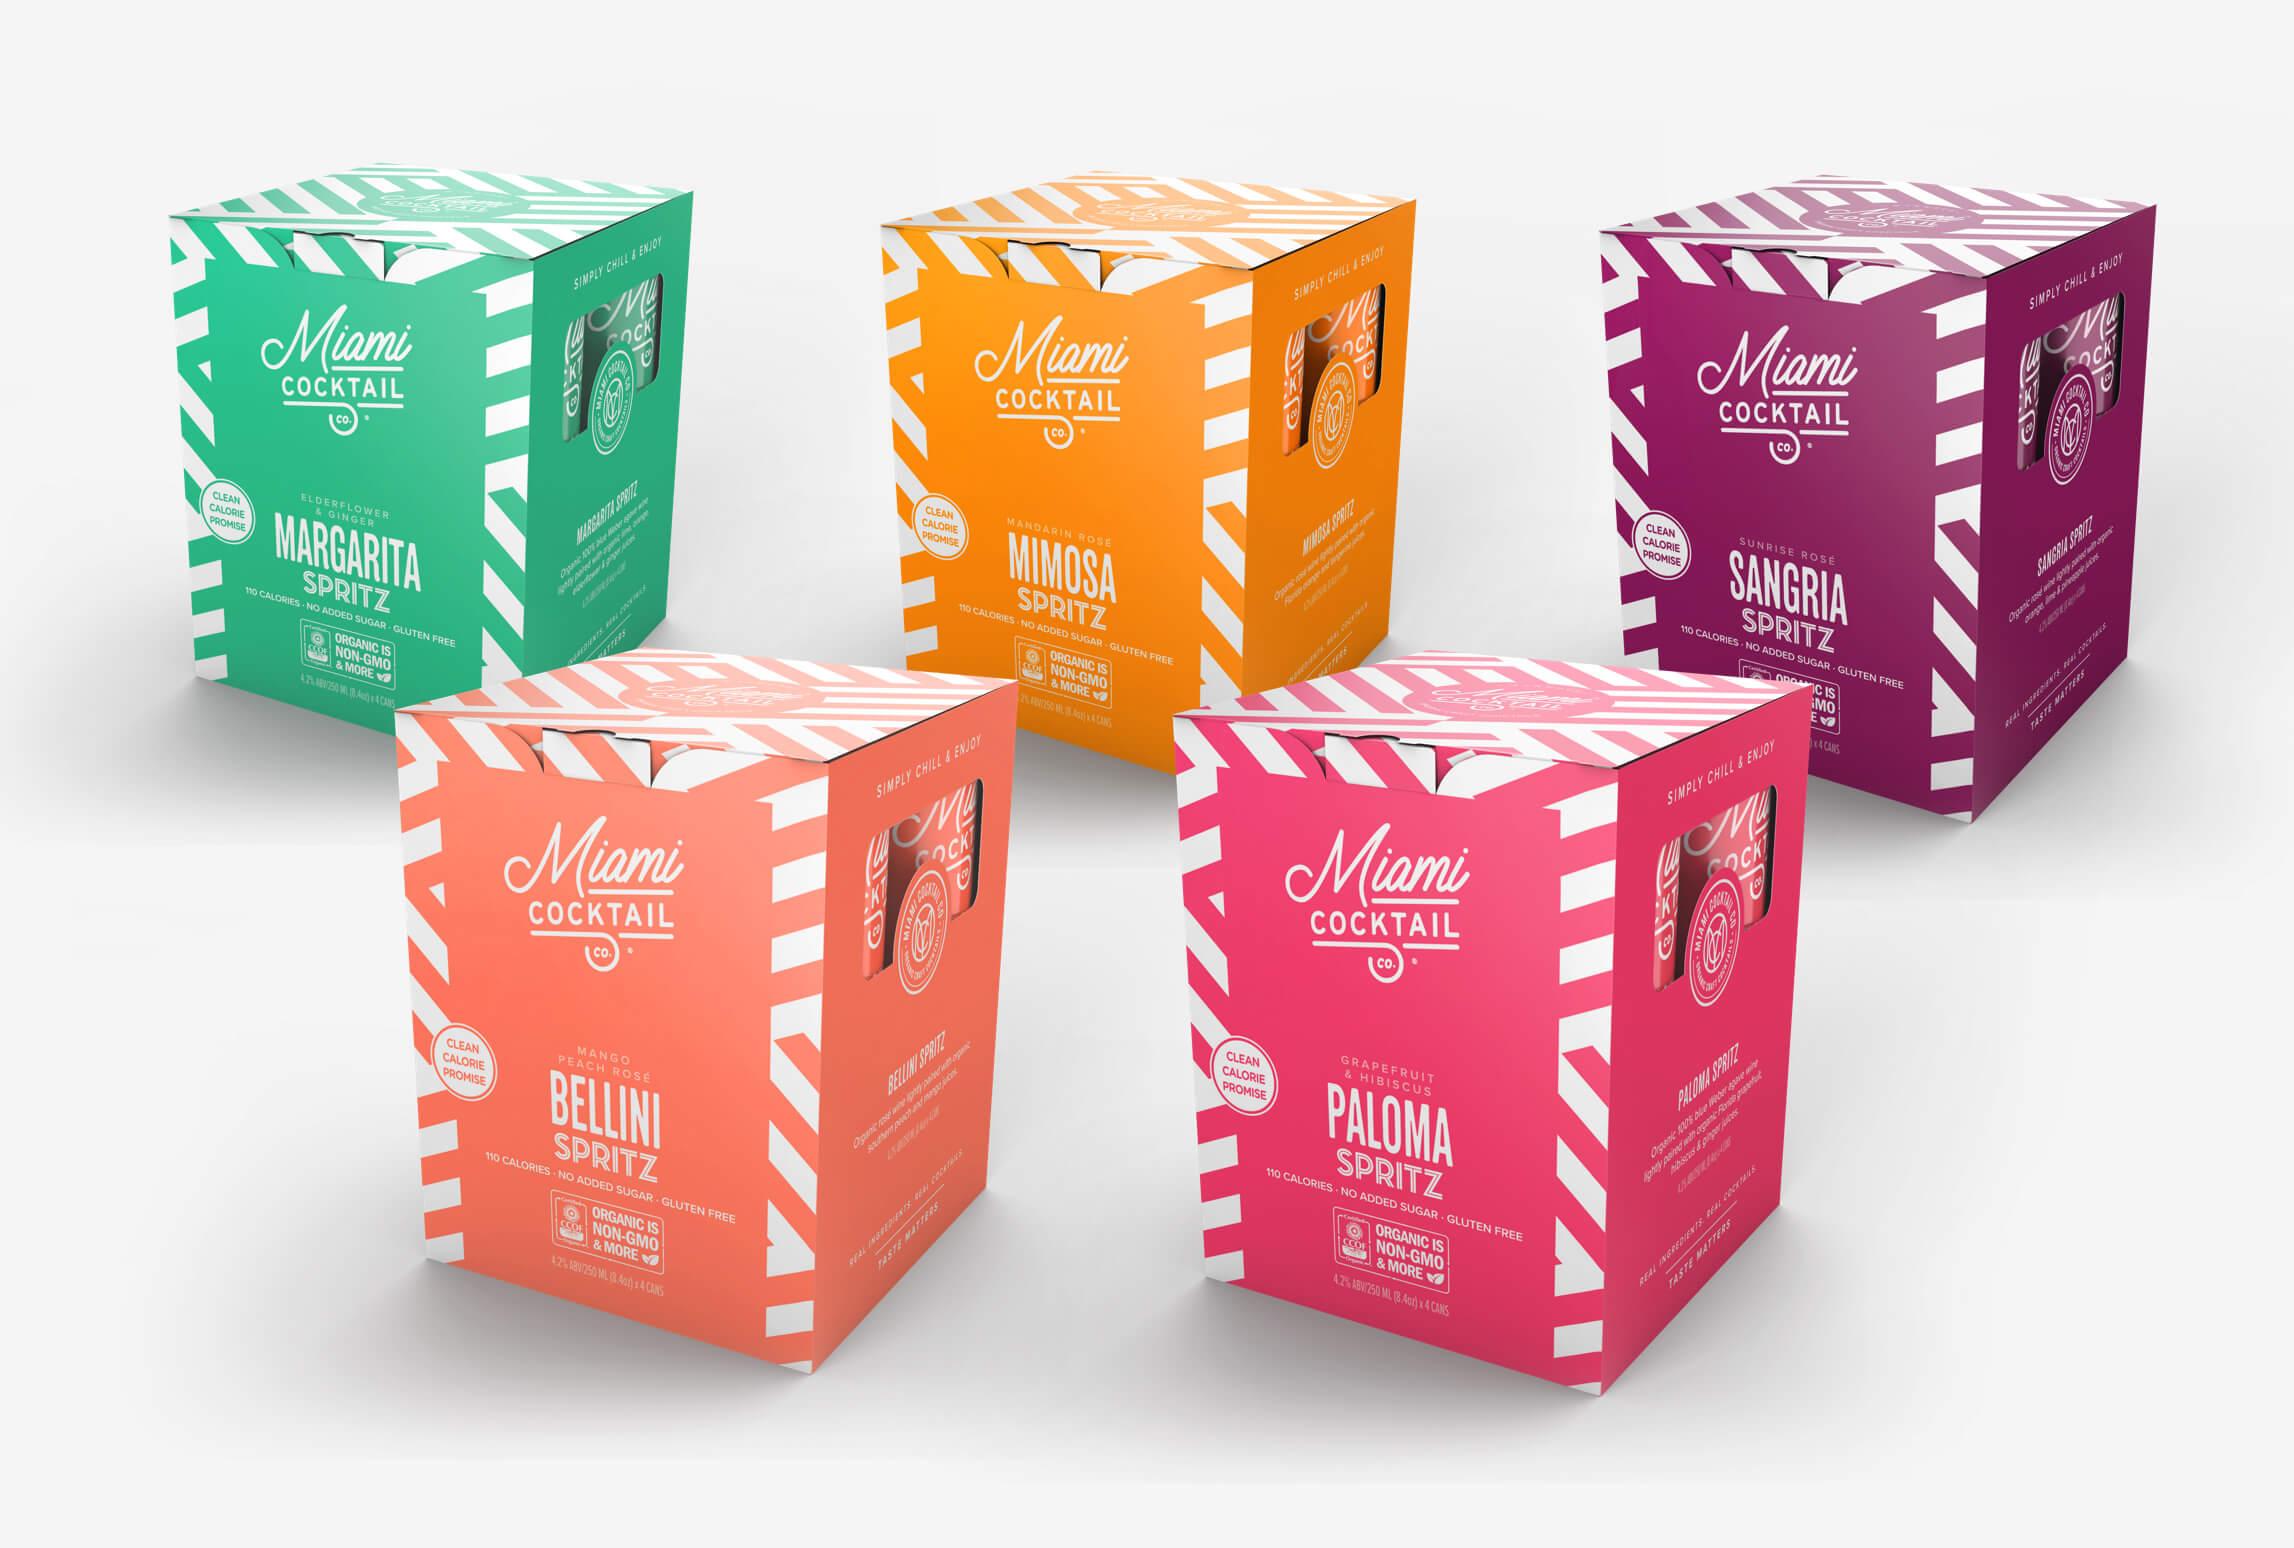 Miami Cocktail Box Designs